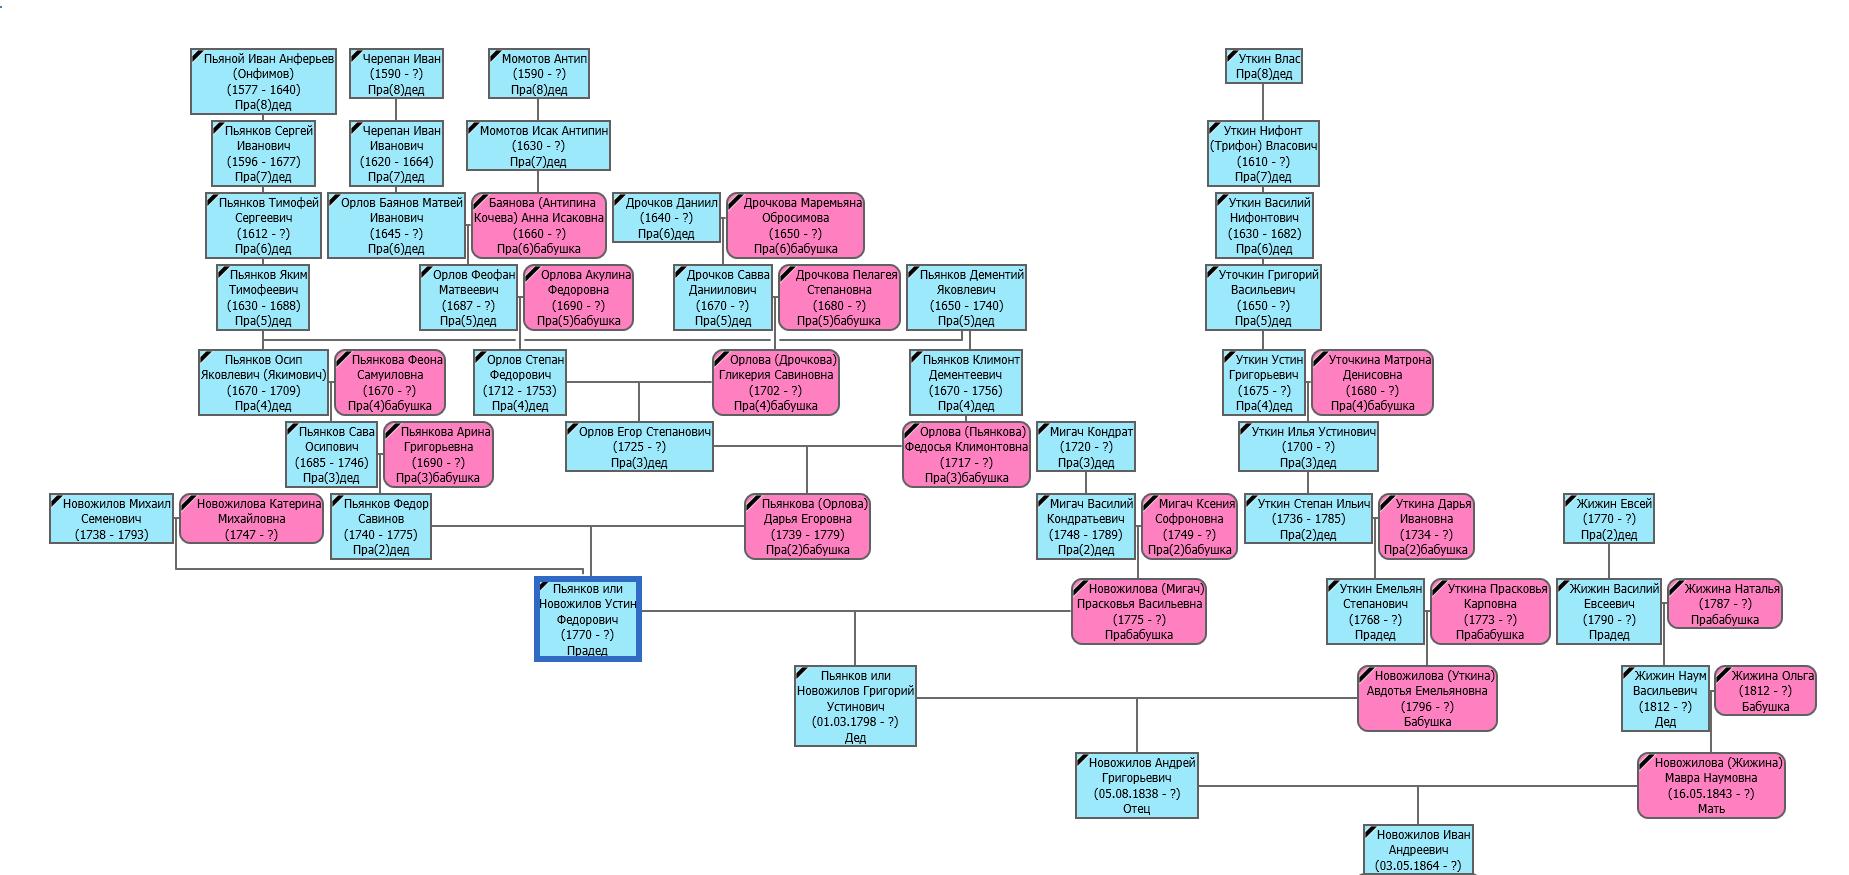 Пример генеалогическое древо, здесь так же указаны приемные родители.